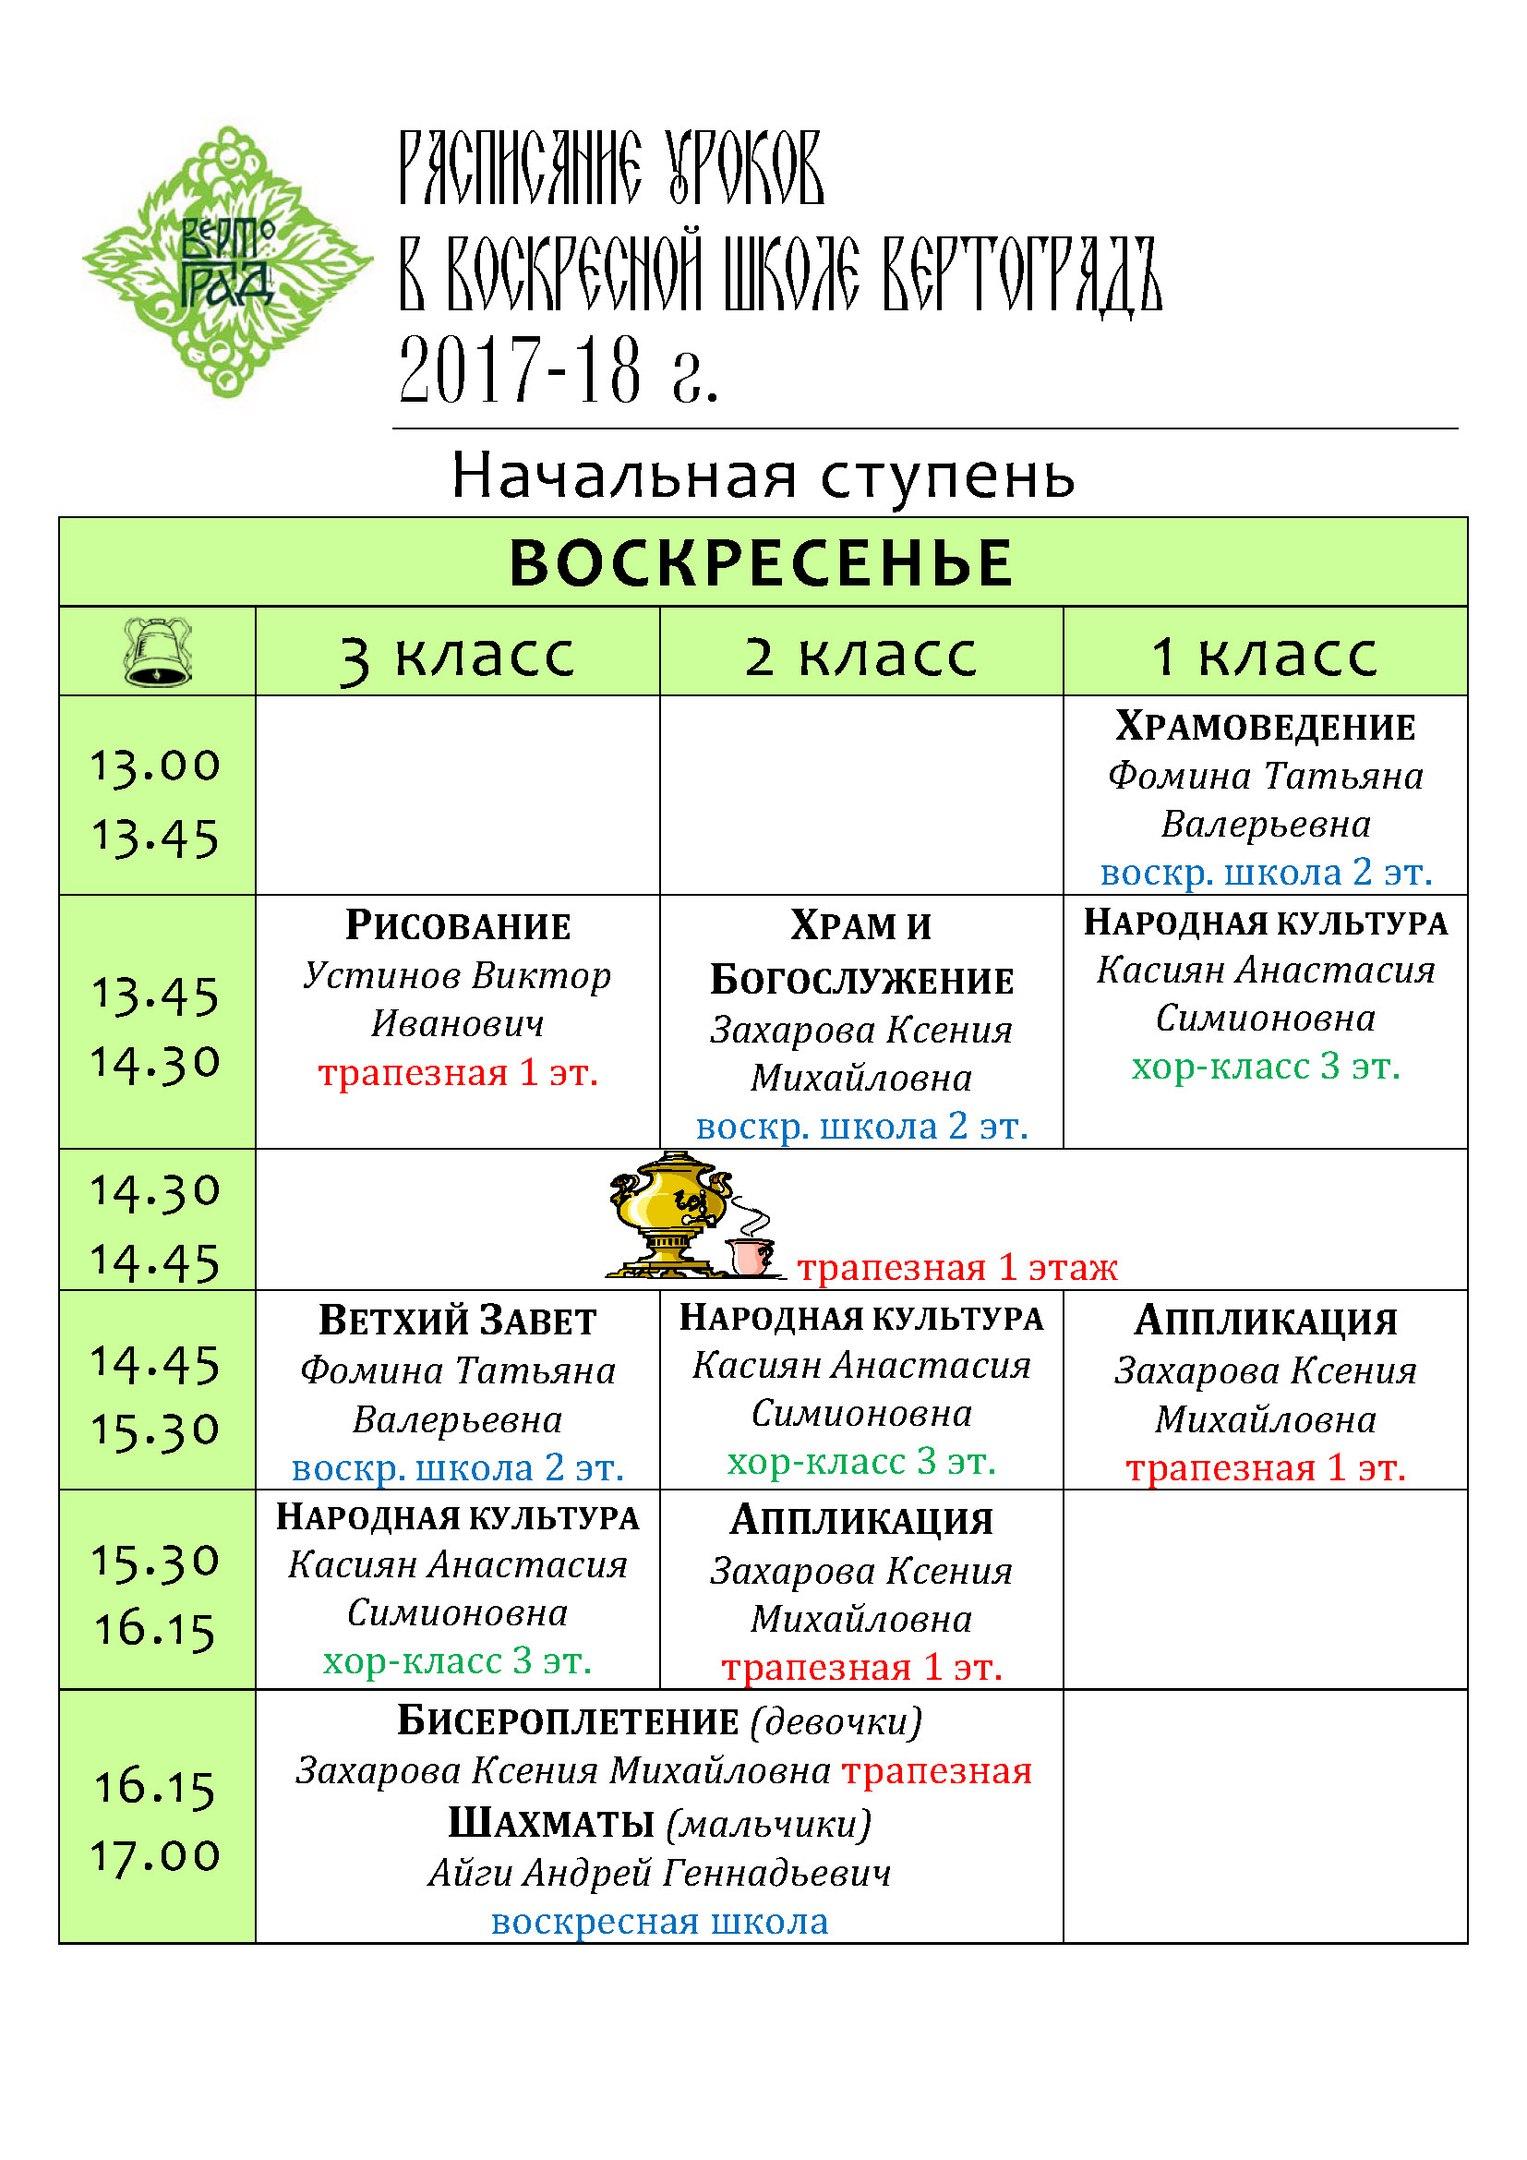 Расписание уроков в младших классах воскресной школы